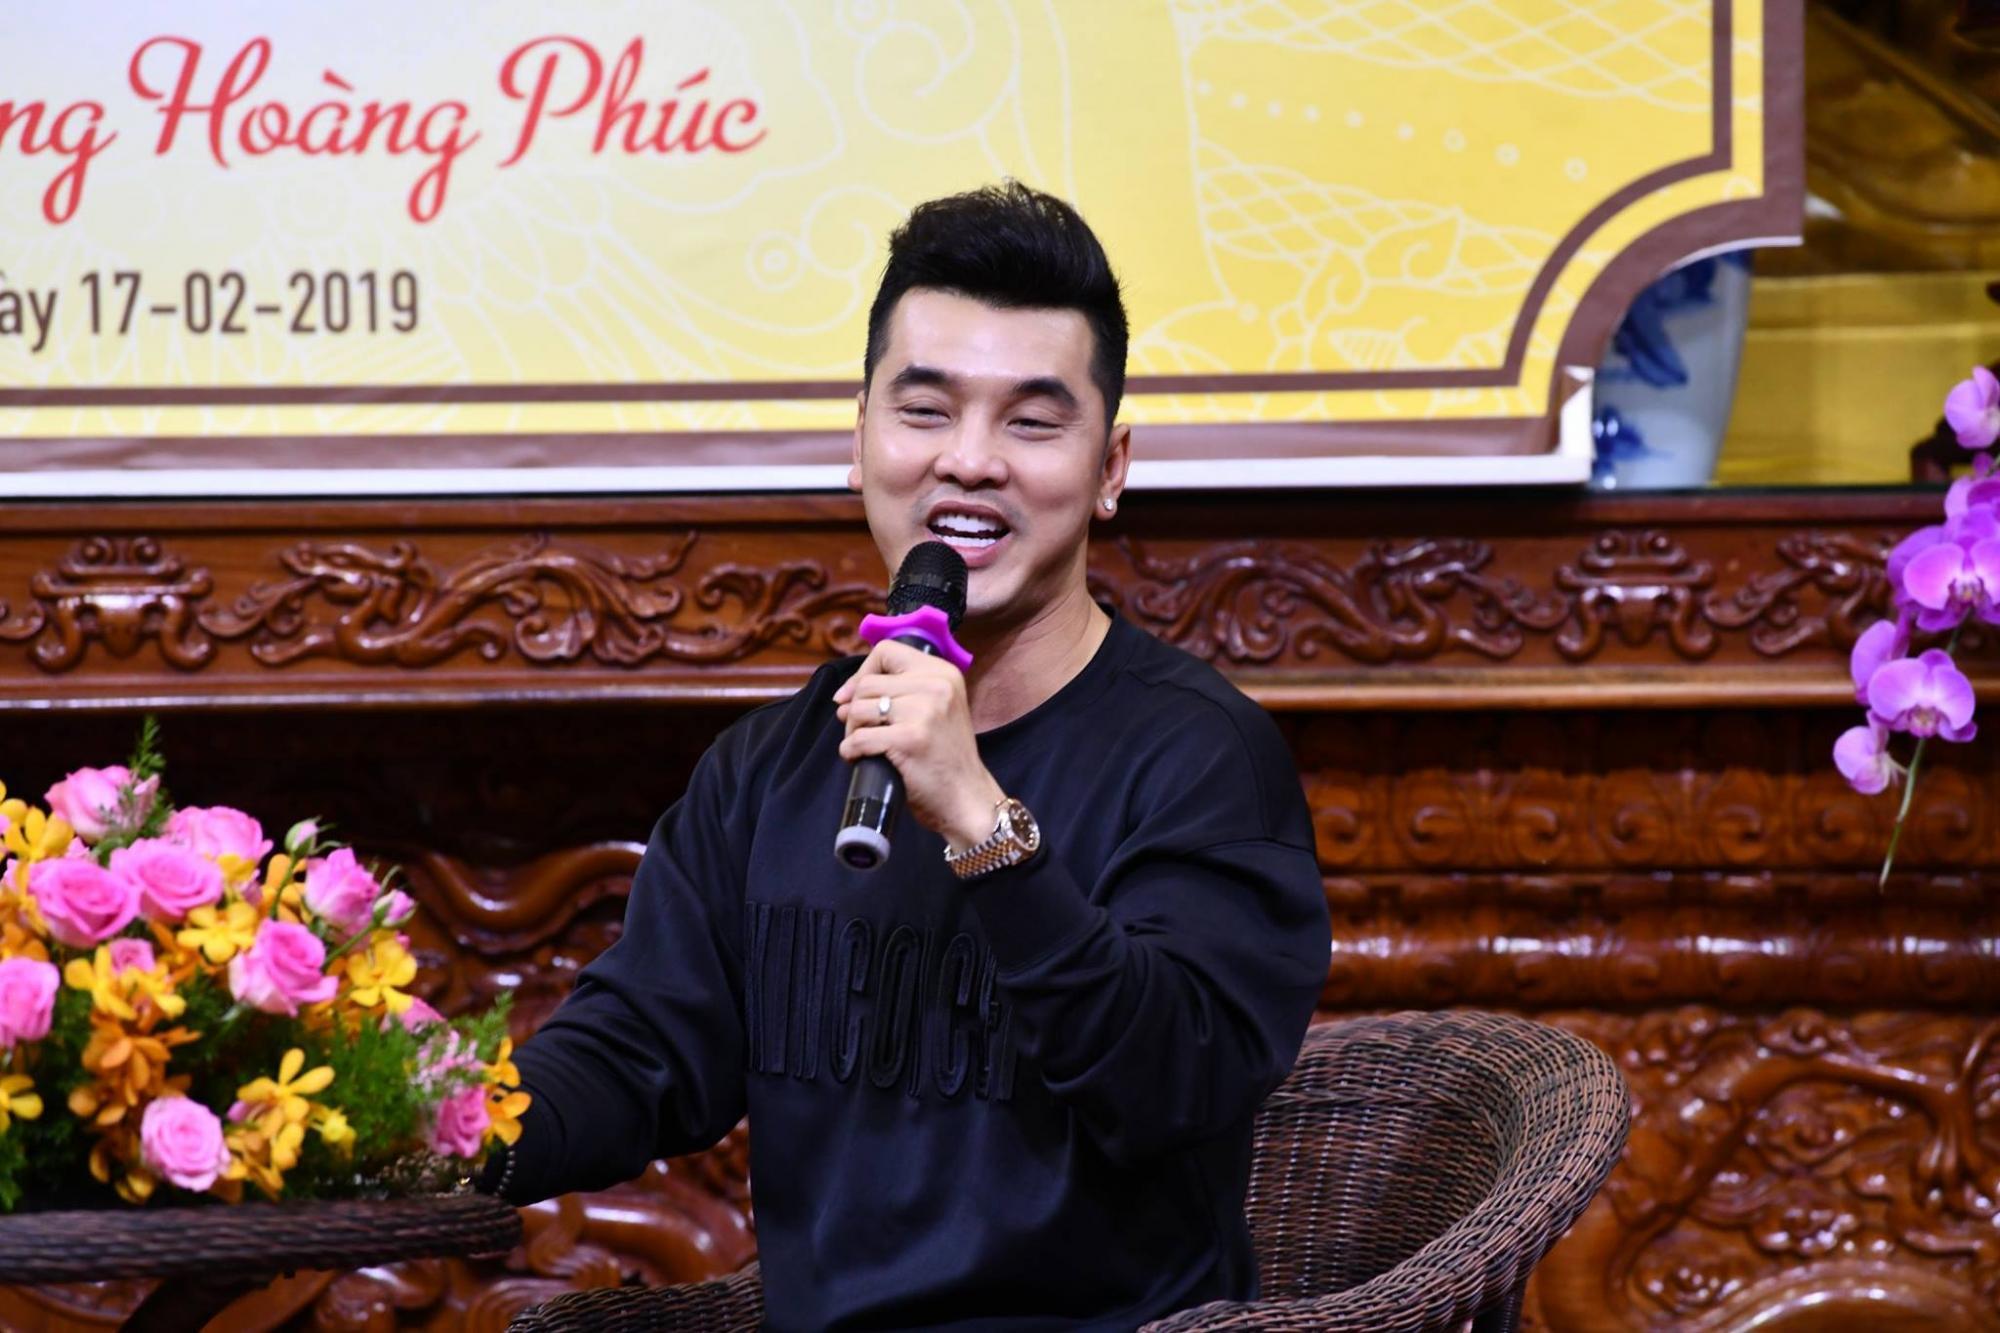 Chùa Giác Ngộ: Hơn 1500 Phật tử tham dự khóa tu Ngày An Lạc - Tuổi Trẻ Hướng Phật đầu năm Kỷ Hợi